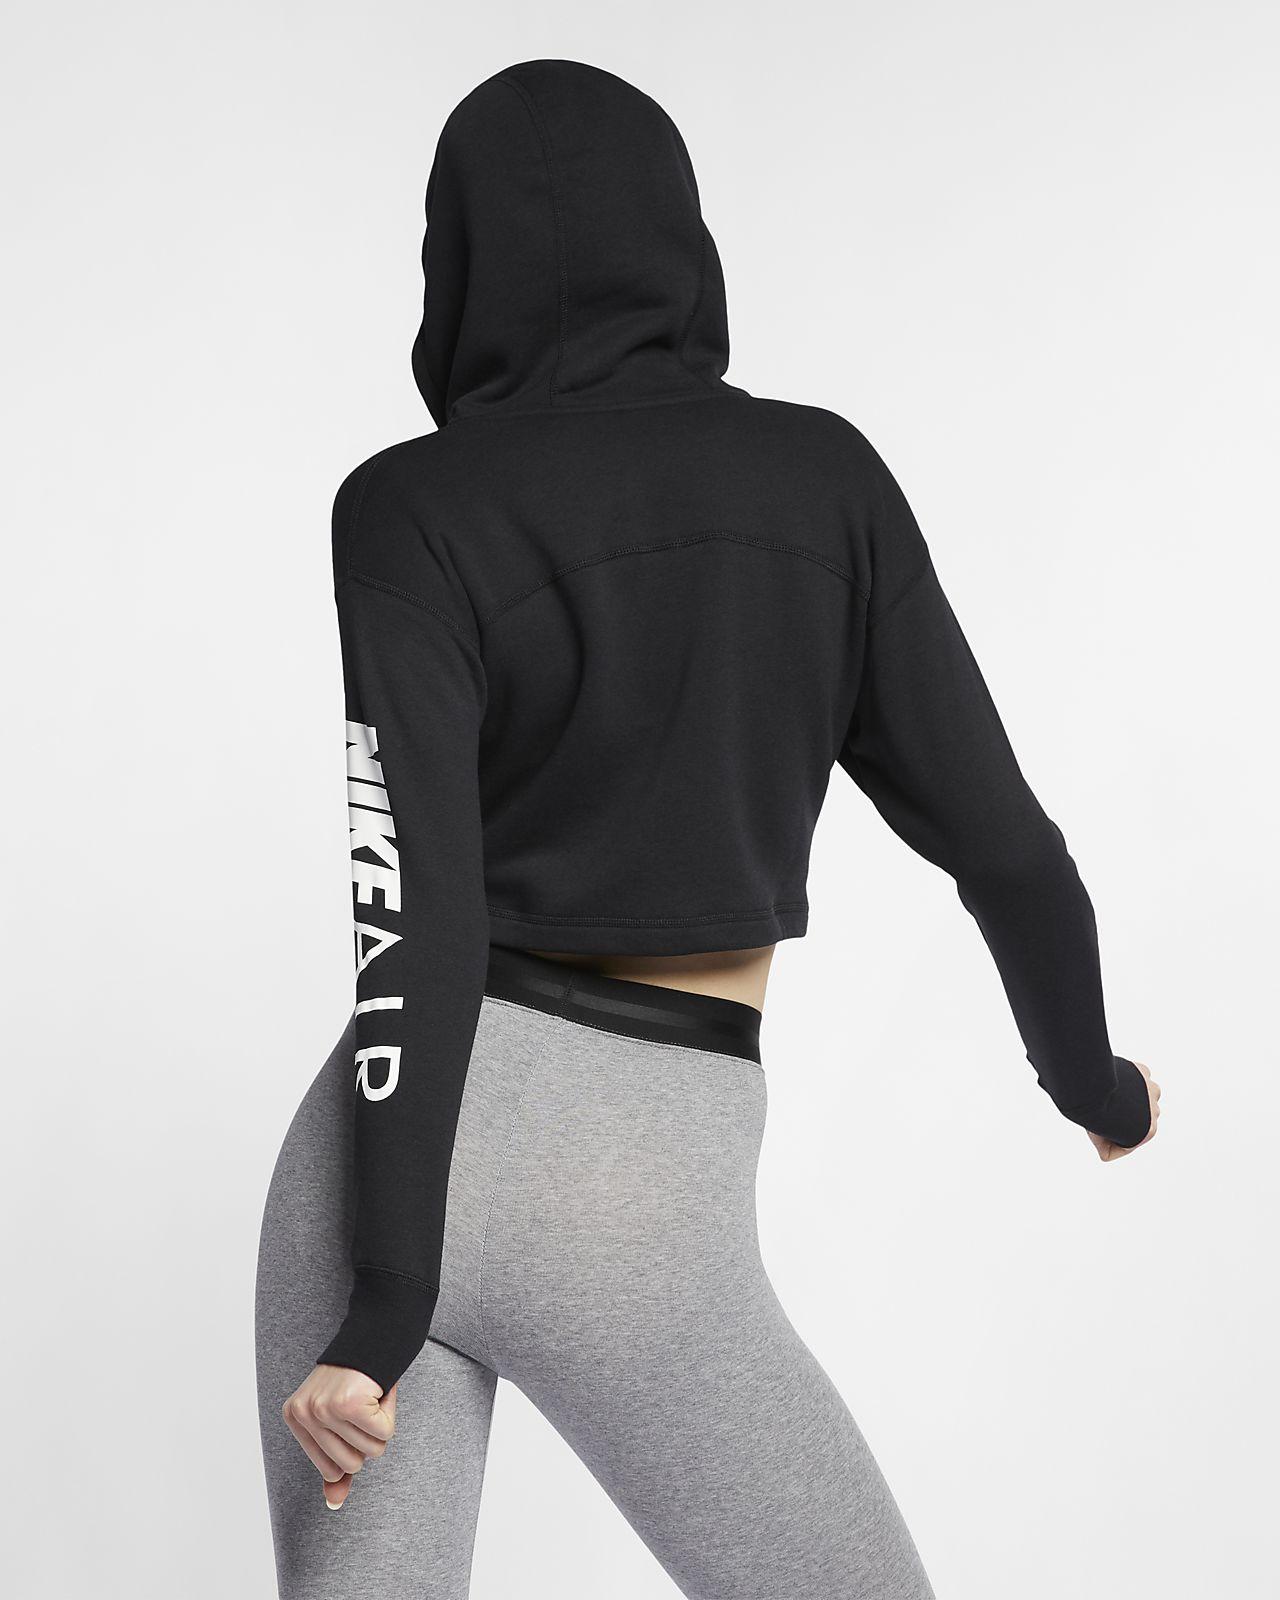 Details about Nike Women's Sportswear Cropped Full Zip Fleece Hoodie BlackWhite AR3656 010 d